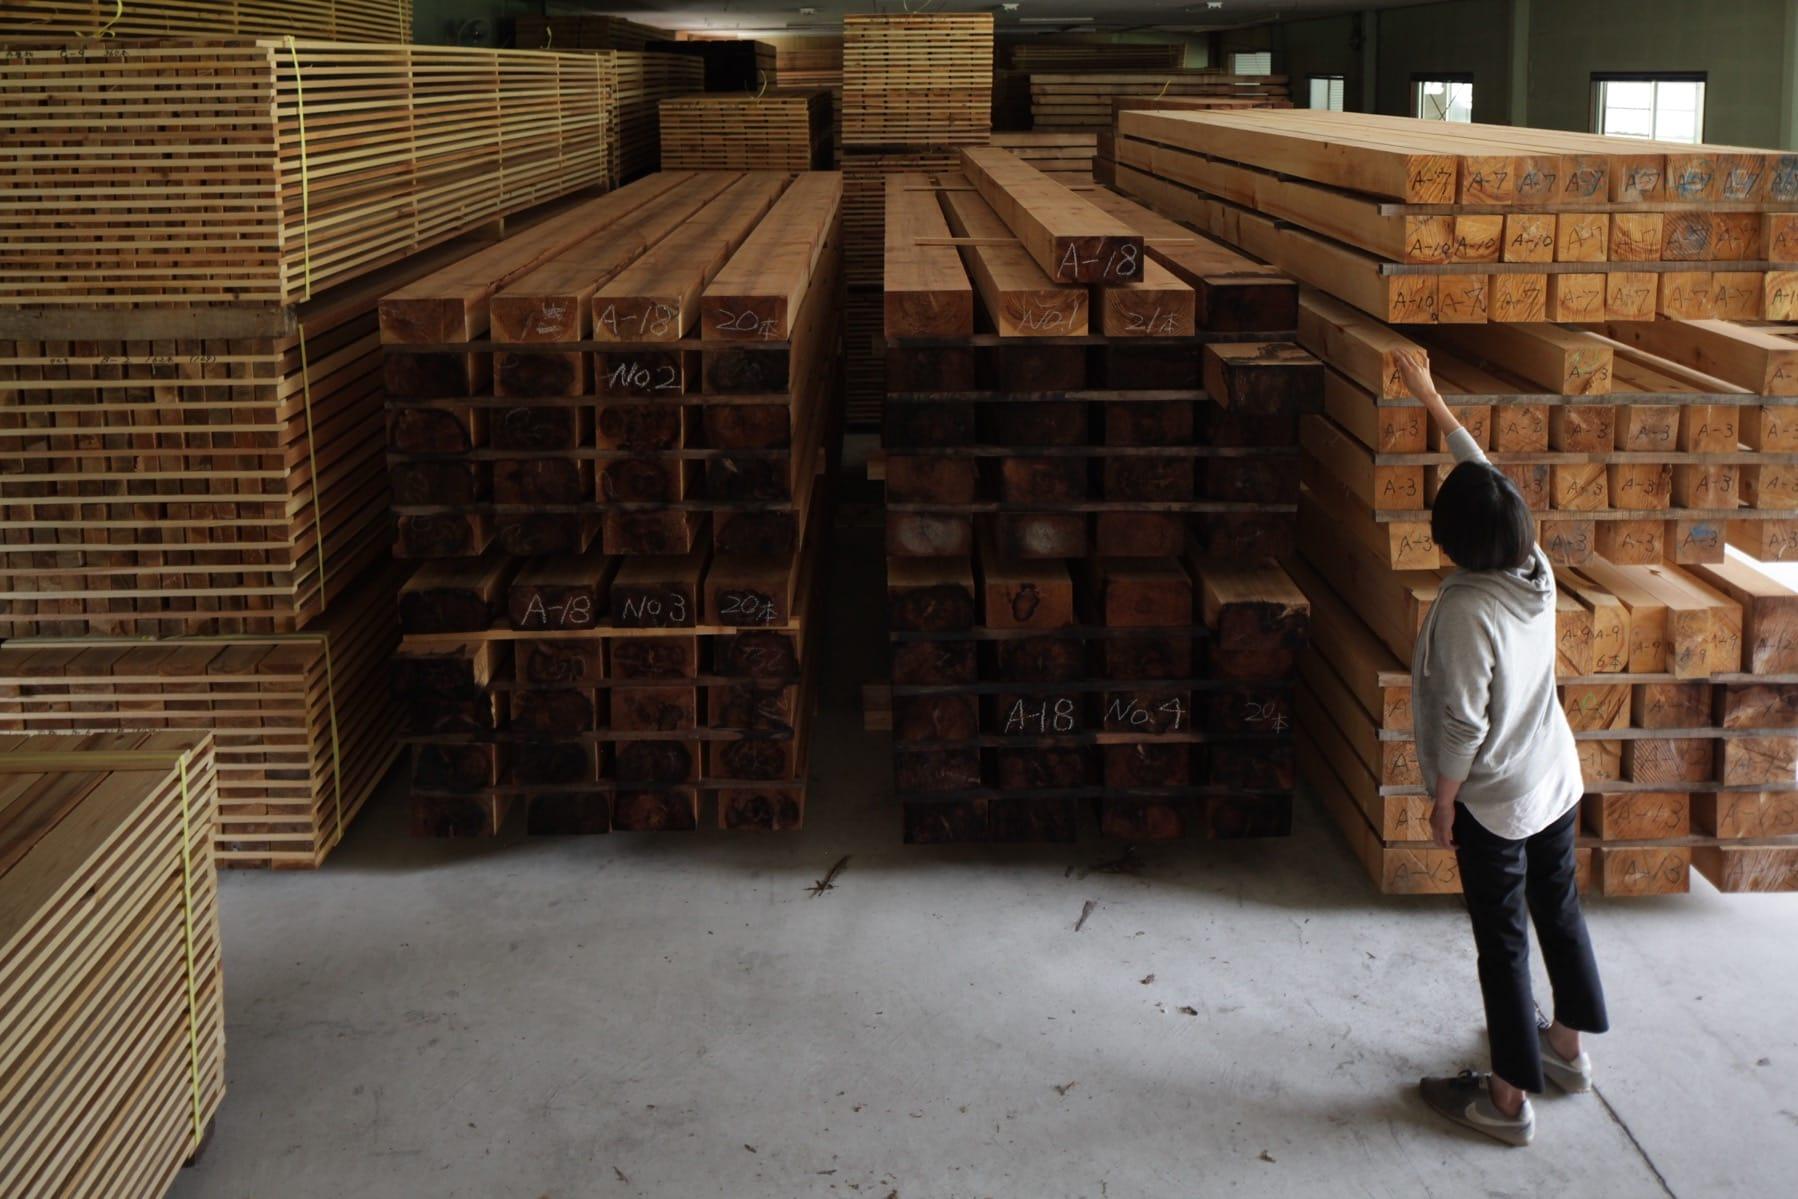 神山町産材として認証を受けた木材。この倉庫にだいたい家2軒分くらいの資材があります。